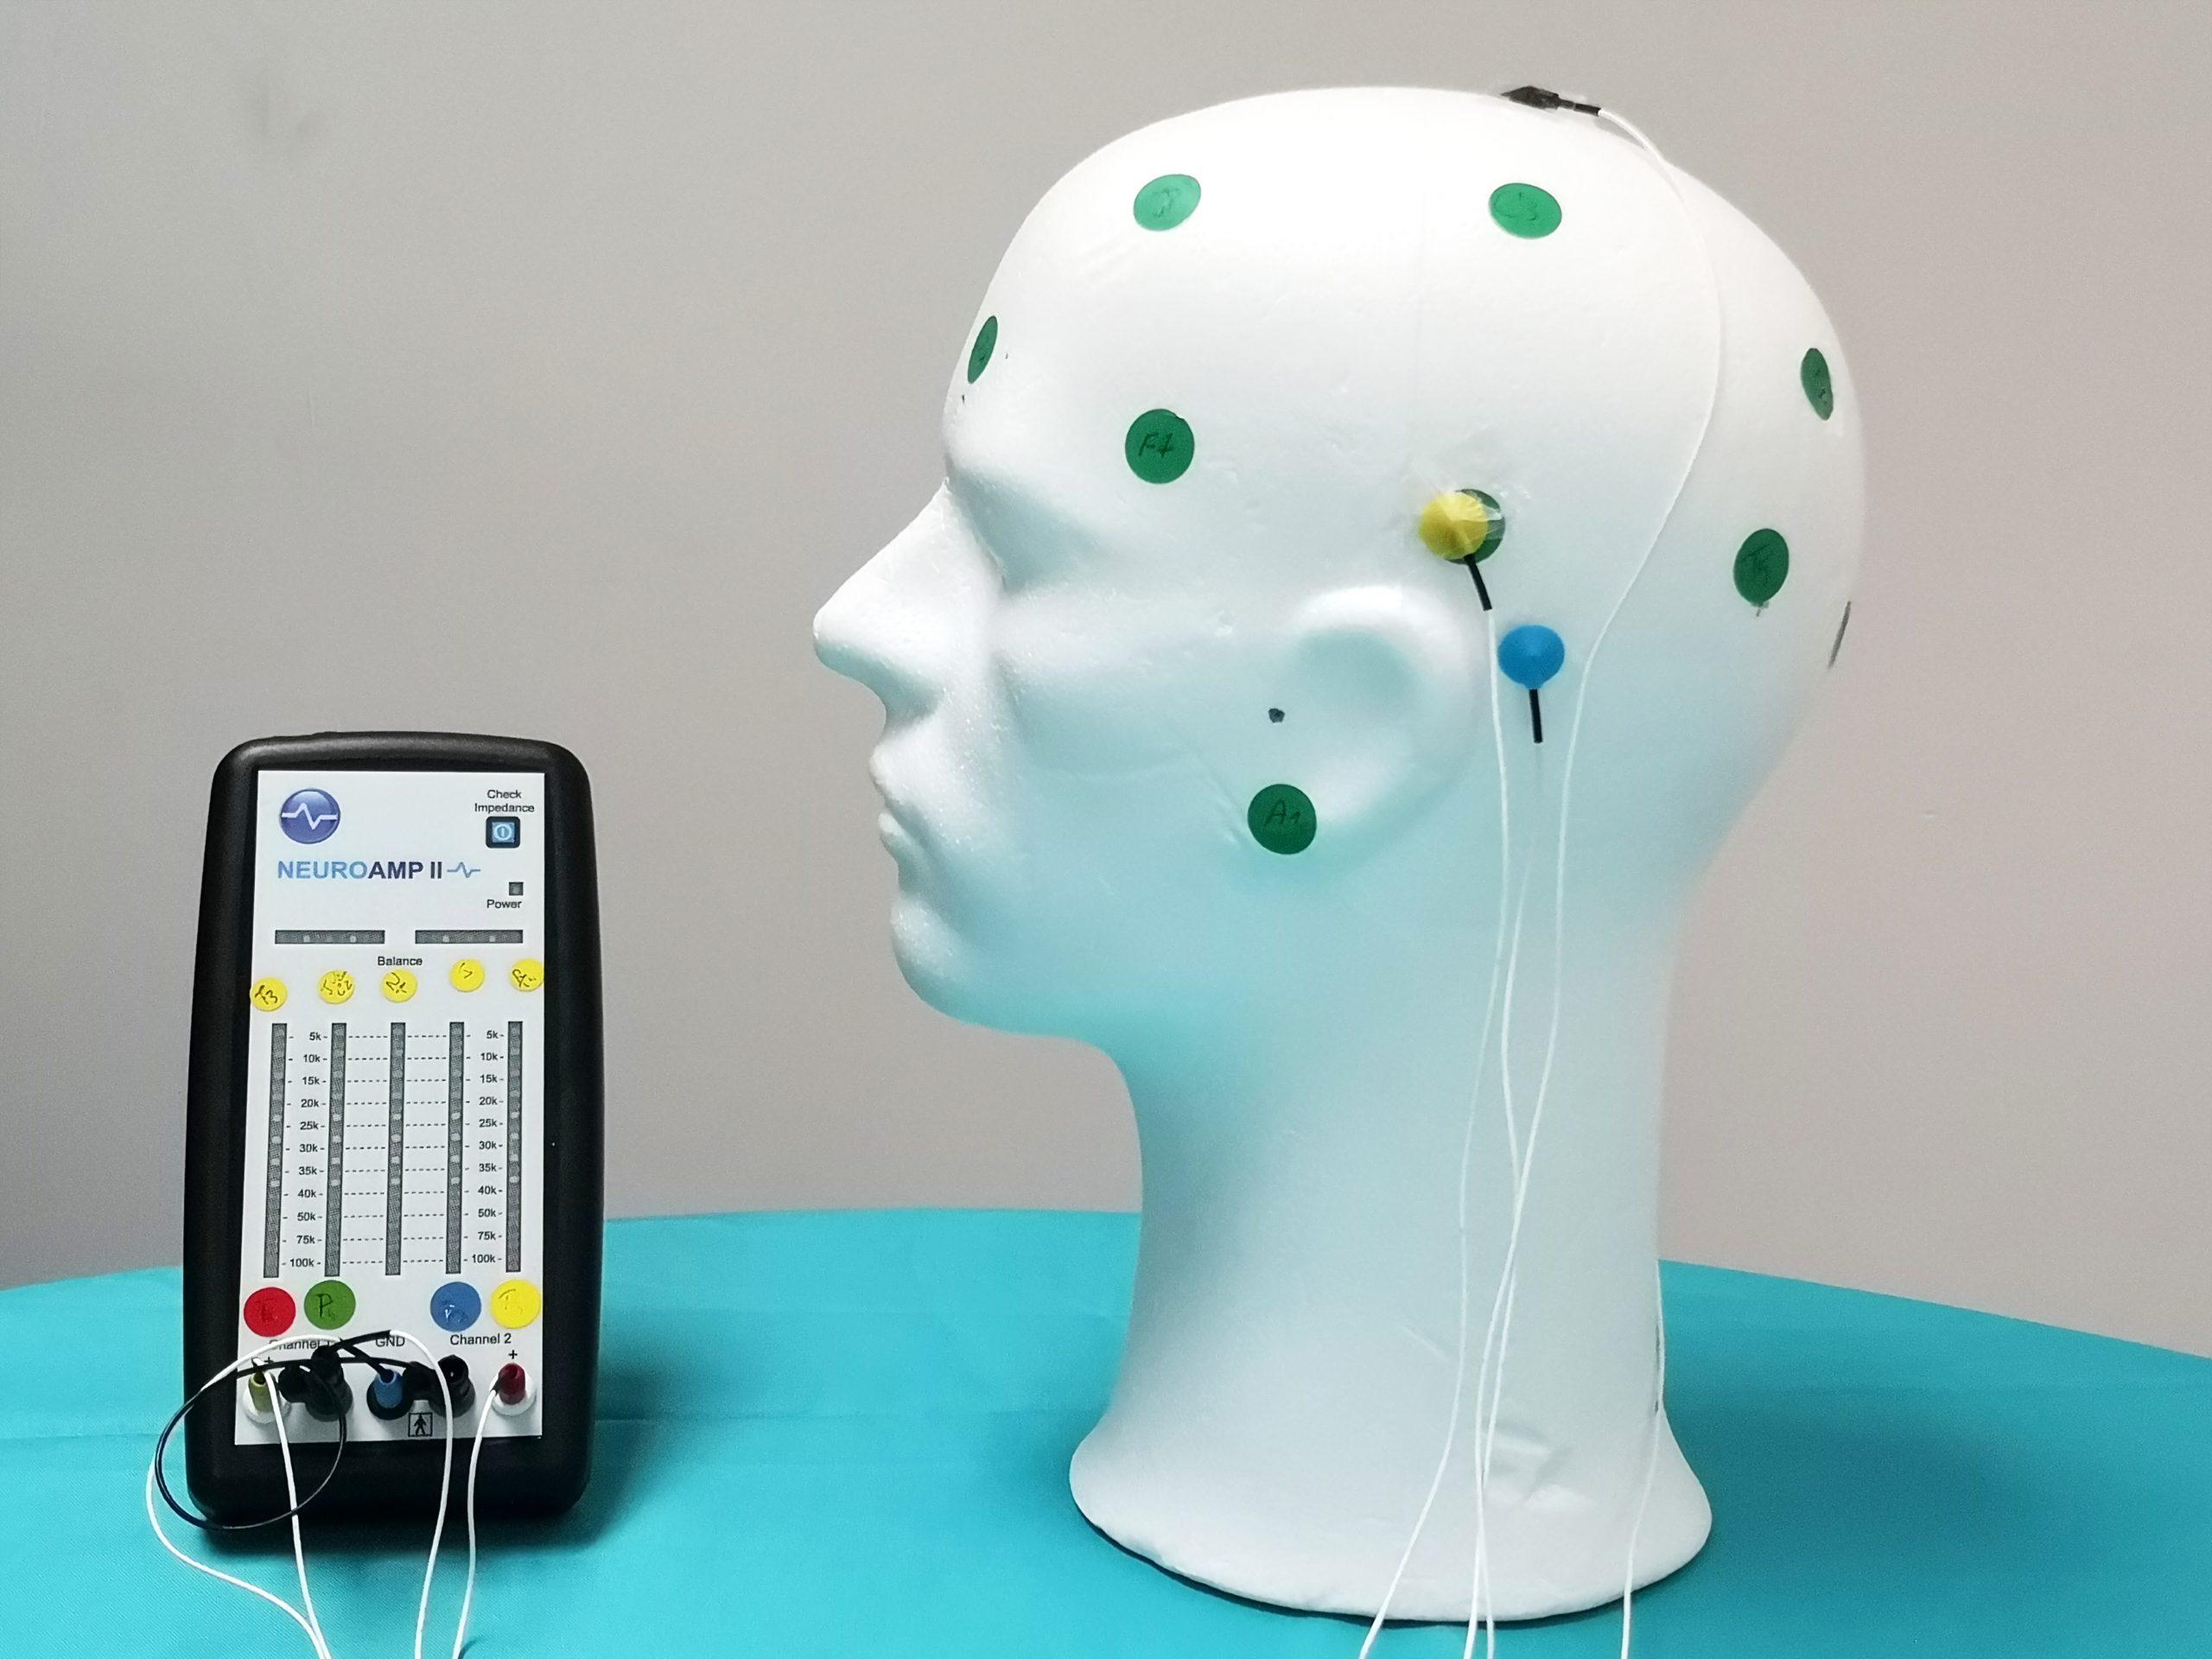 Matériel de Neurofeedback. Il y a un amplificateur d'EEG relié à des capteurs posées sur une tête de mannequin en polystyrène